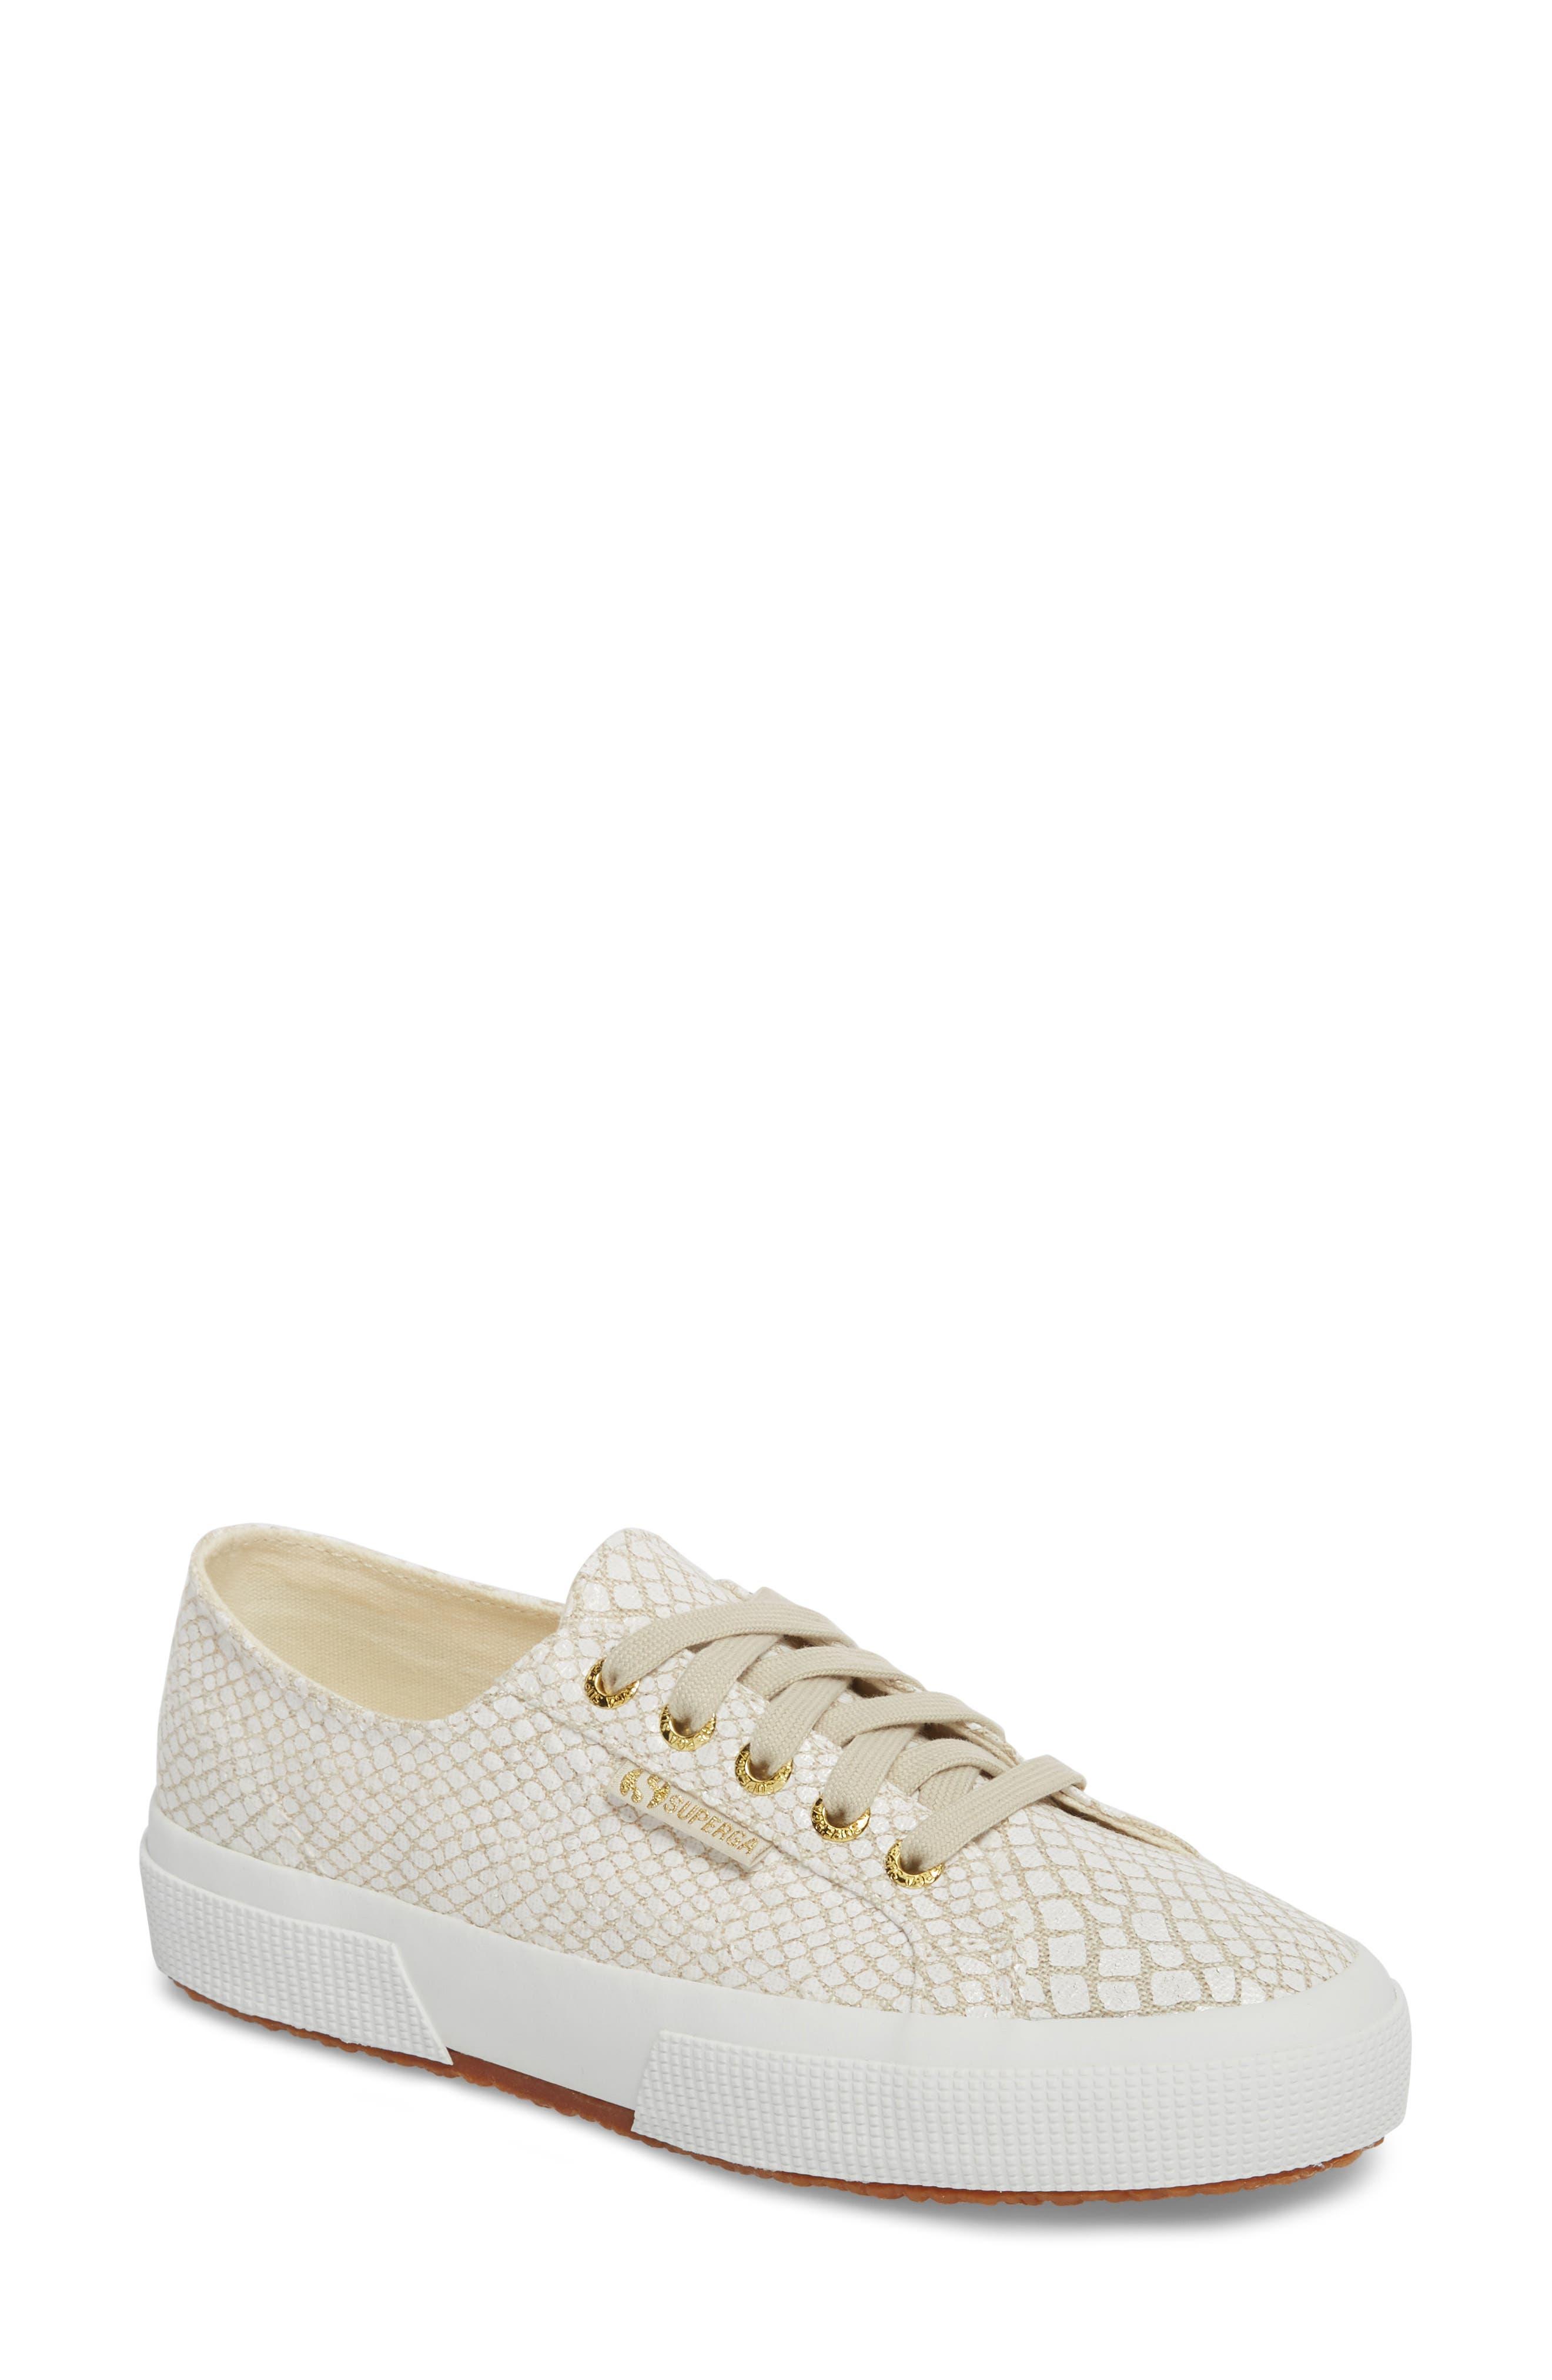 2750 Low Top Sneaker,                         Main,                         color, 107